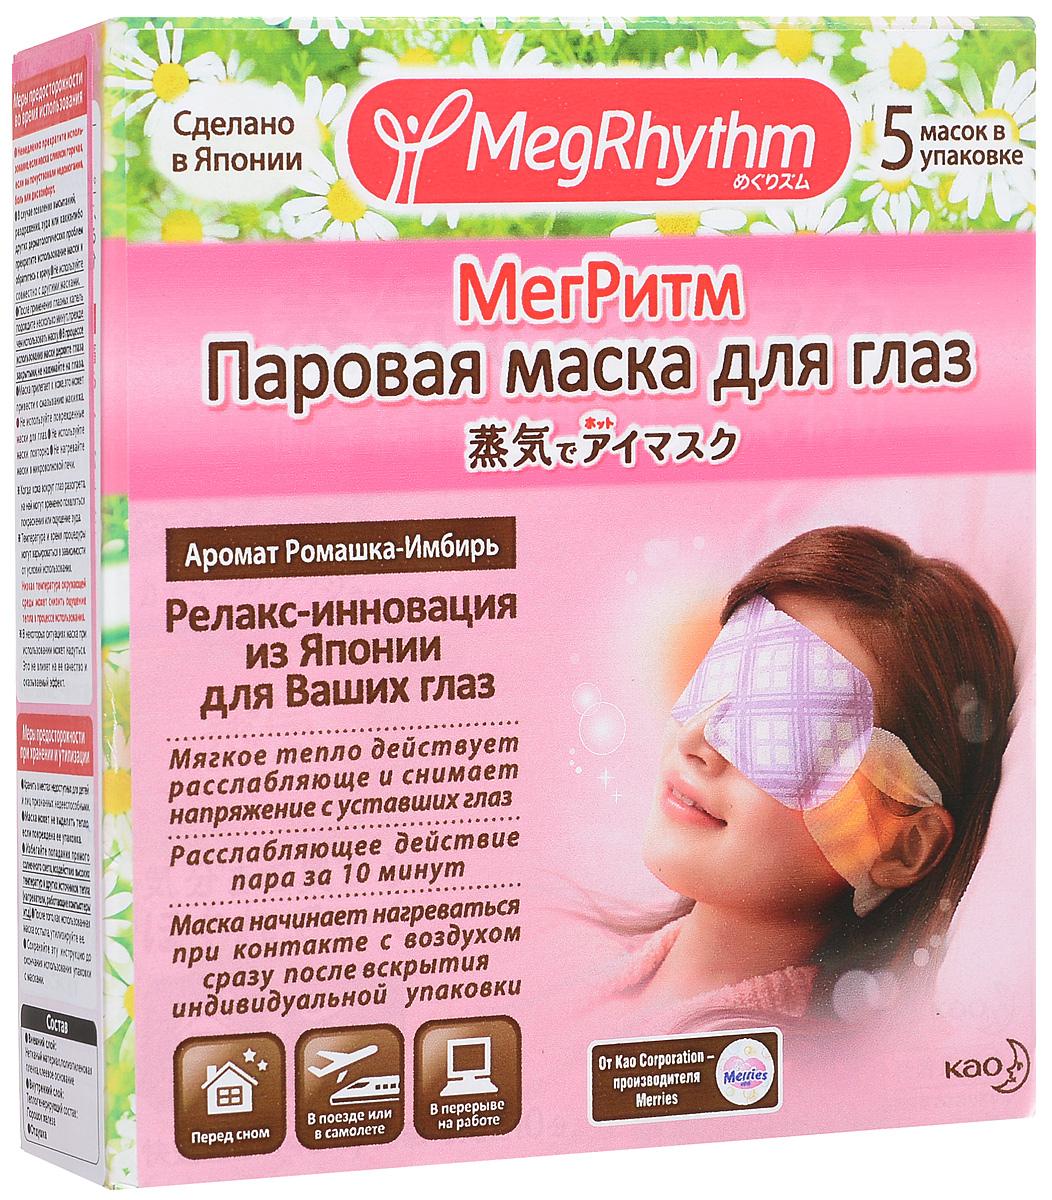 MegRhythm Паровая маска для глаз (Ромашка - Имбирь) 5 шт450500053Снимите напряжение с ваших уставших глаз с помощью паровой маски. Теплый пар температурой около 40 С в течение 10 минут мягко окутывает глаза. * В процессе использования пар невидим, но его эффект можно почувствовать по увлажнению кожи вокруг глаз после завершения процедуры. SPA - процедура на основе согревающего пара успокоит, снимет напряжение, и ваши отдохнувшие глаза снова засияют. Ультратонкий, идеально прилегающий к коже материал. Удобные ушные петли позволяют использовать маску в любом положении. Маска начинает нагреваться сразу после вскрытия что делает ее удобной для использования в любой ситуации. Гигиеническая одноразовая маска удобна в использовании.Уважаемые клиенты!Обращаем ваше внимание на возможные изменения в дизайне упаковки. Качественные характеристики товара остаются неизменными. Поставка осуществляется в зависимости от наличия на складе.